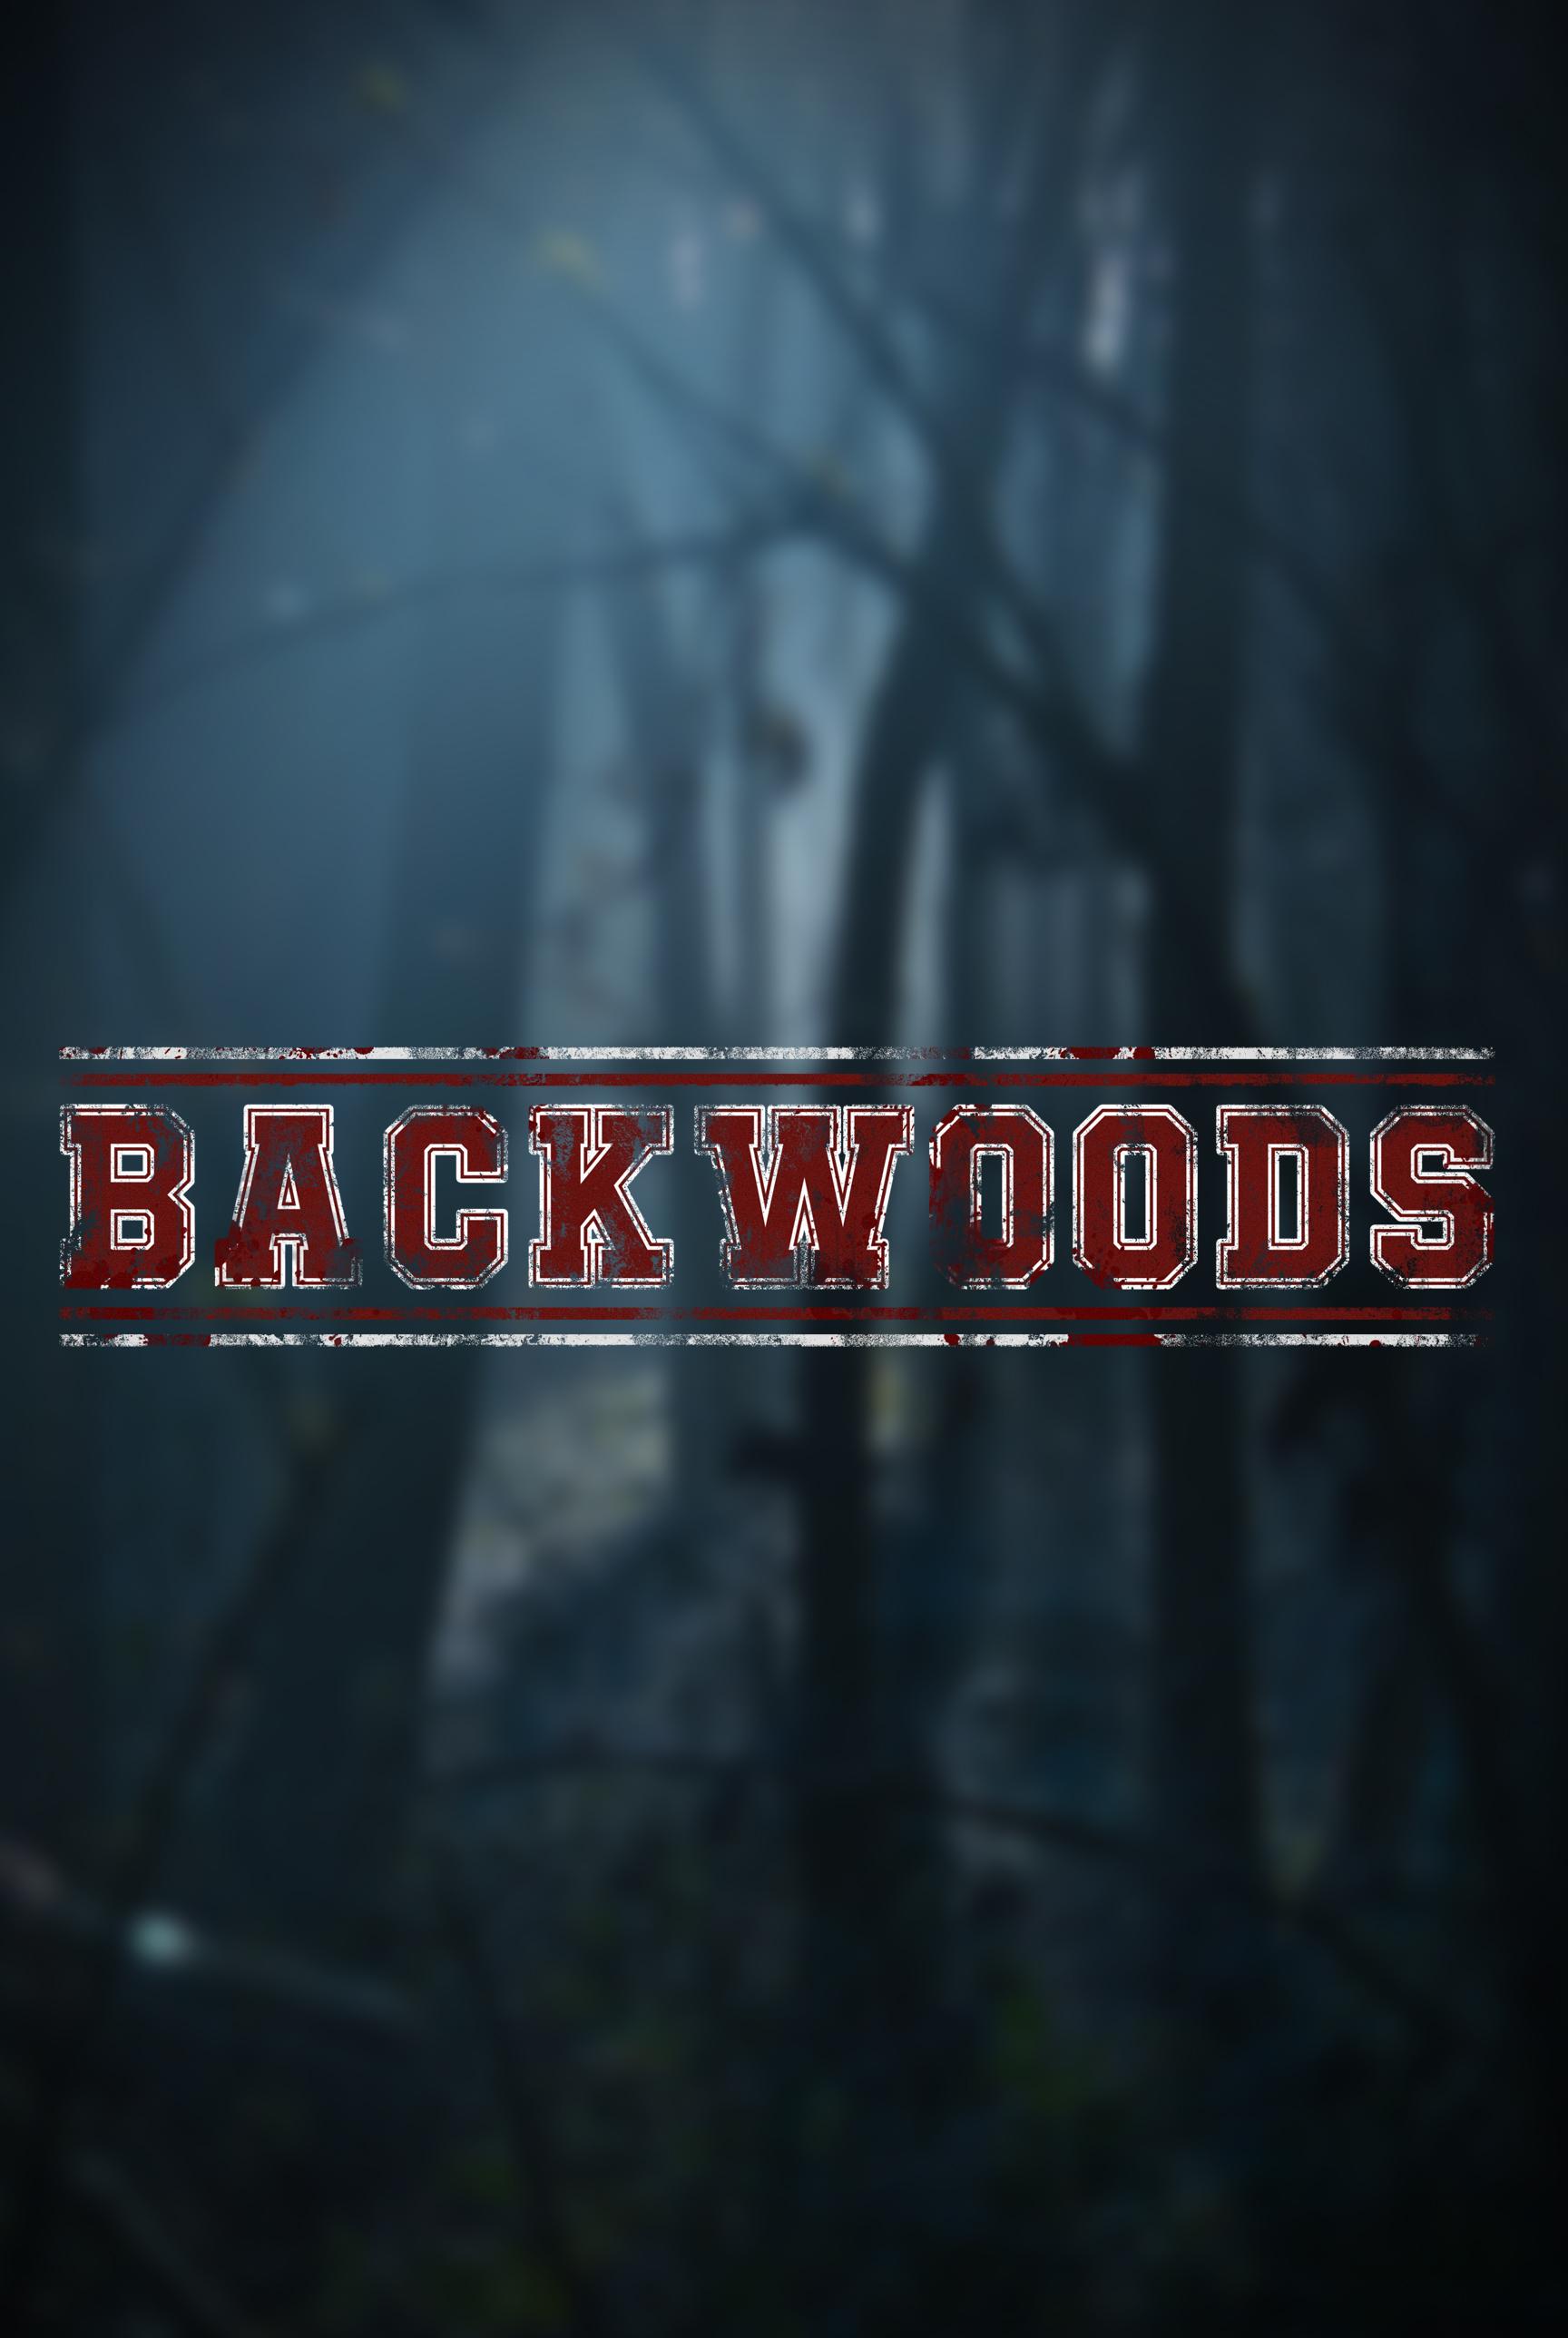 backwoods_poster.jpg